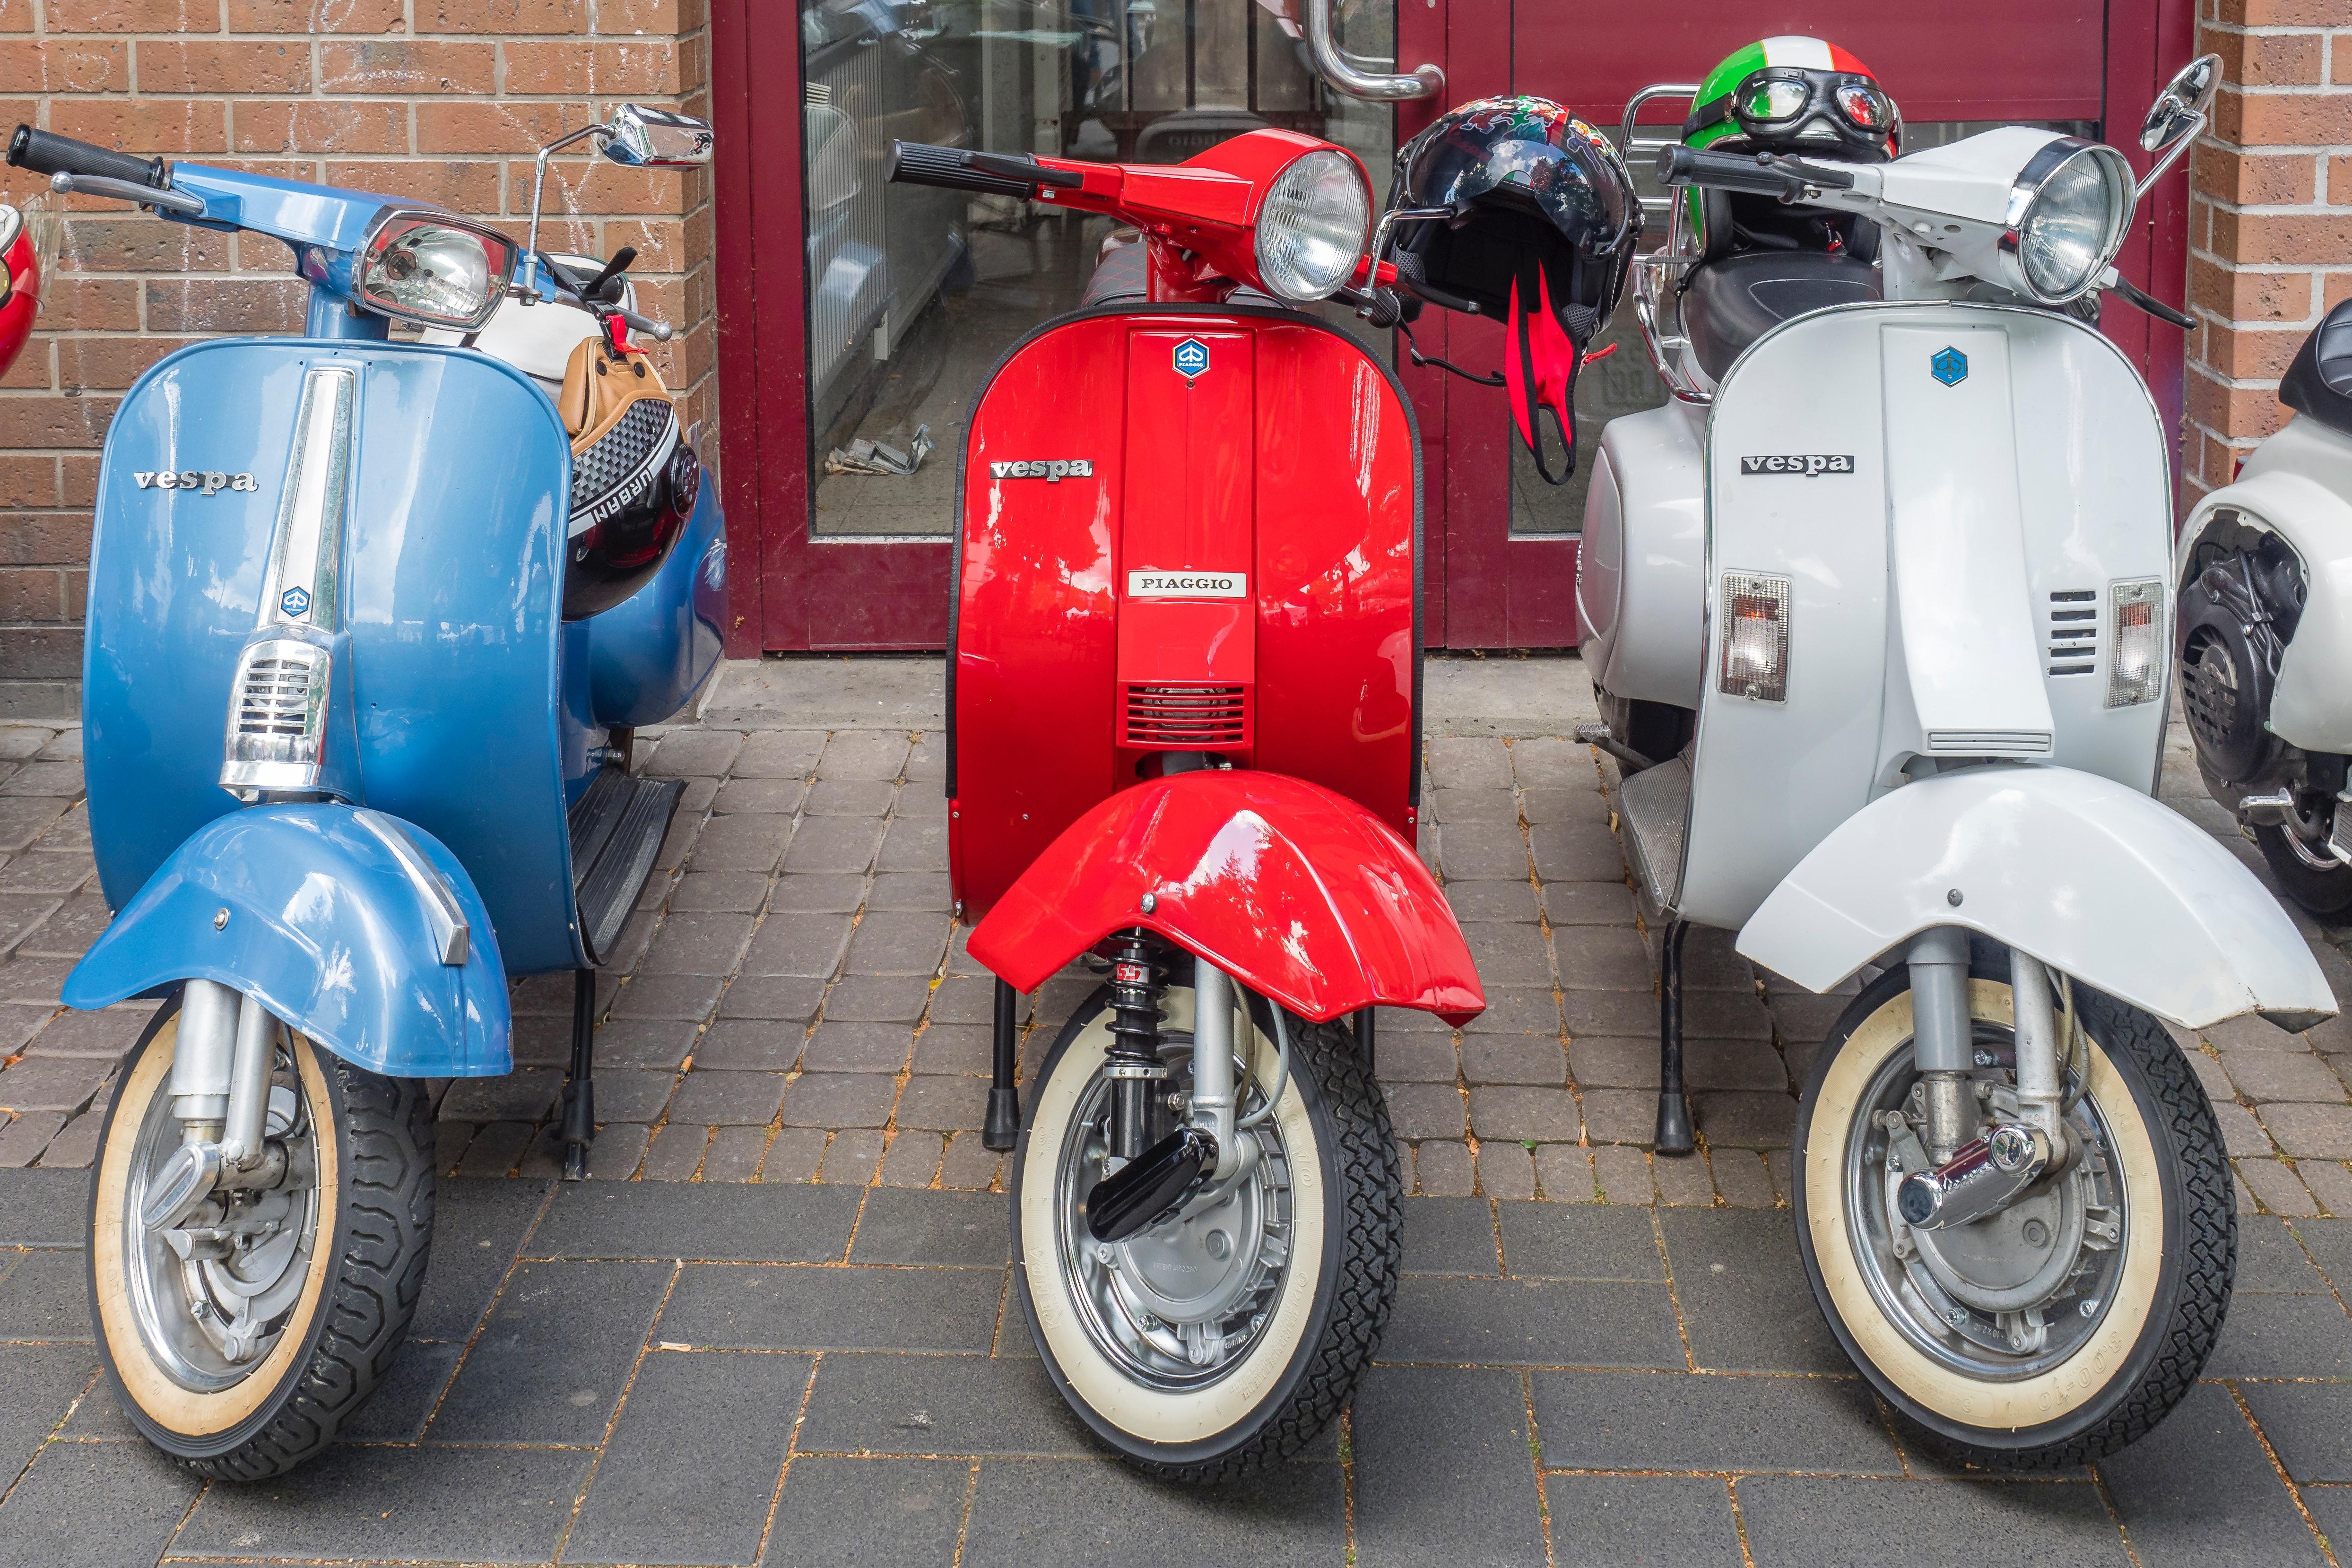 Changement adresse carte grise scooter cyclomoteur 50cc